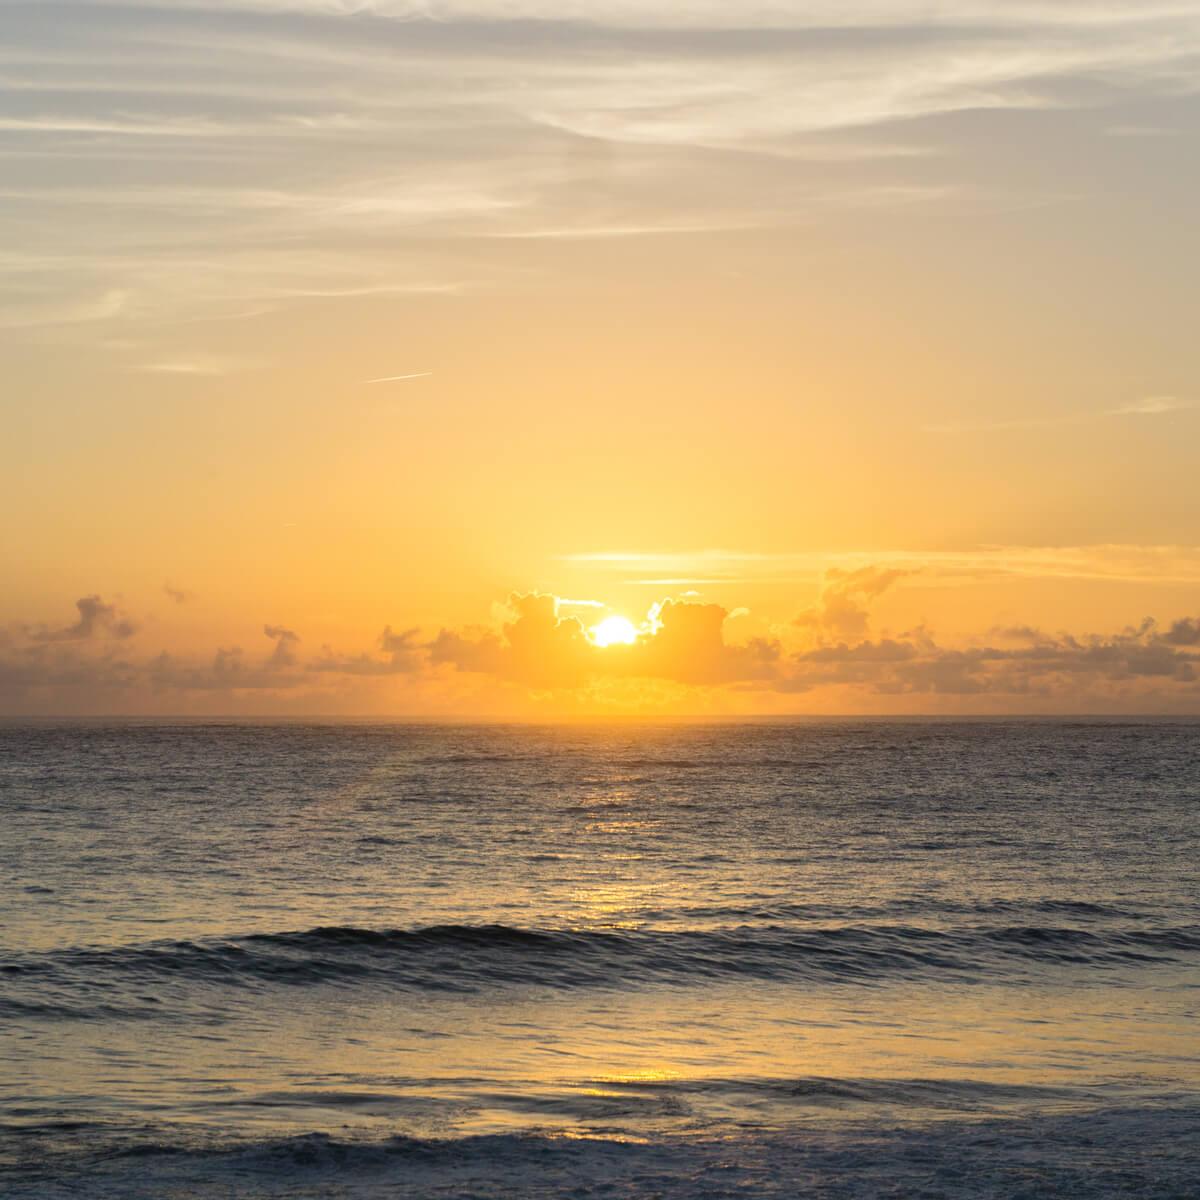 屋久島の海、夕日 屋久島海とジュエリー オーダーメイドジュエリーのモチーフ